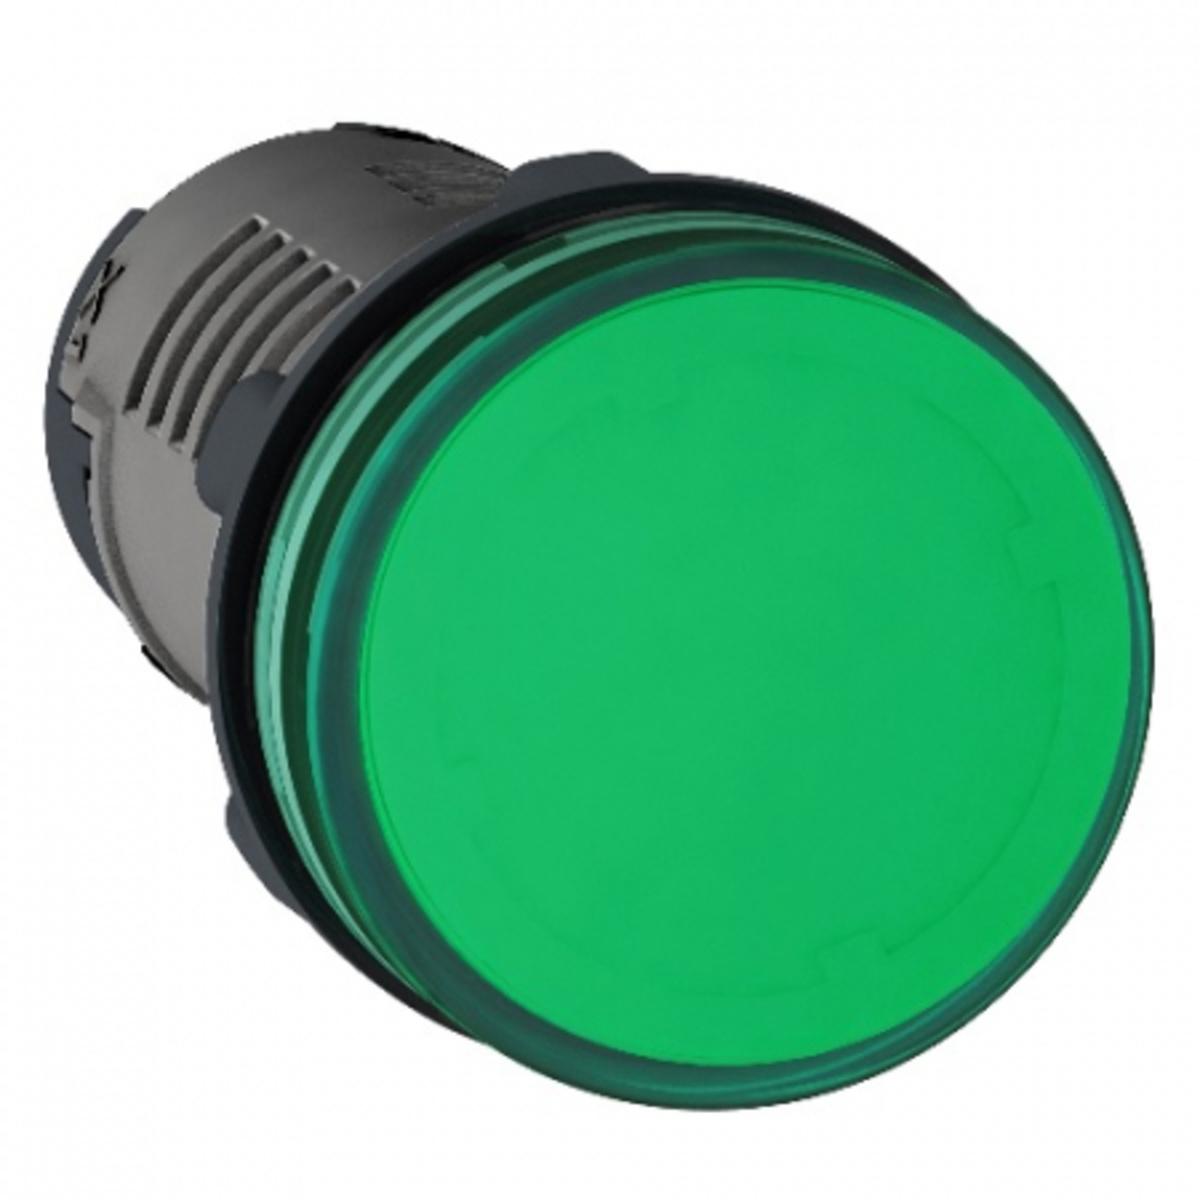 SINALIZADOR LED 22MM VD 220VCA XA2EVM3LC SCHNEIDER